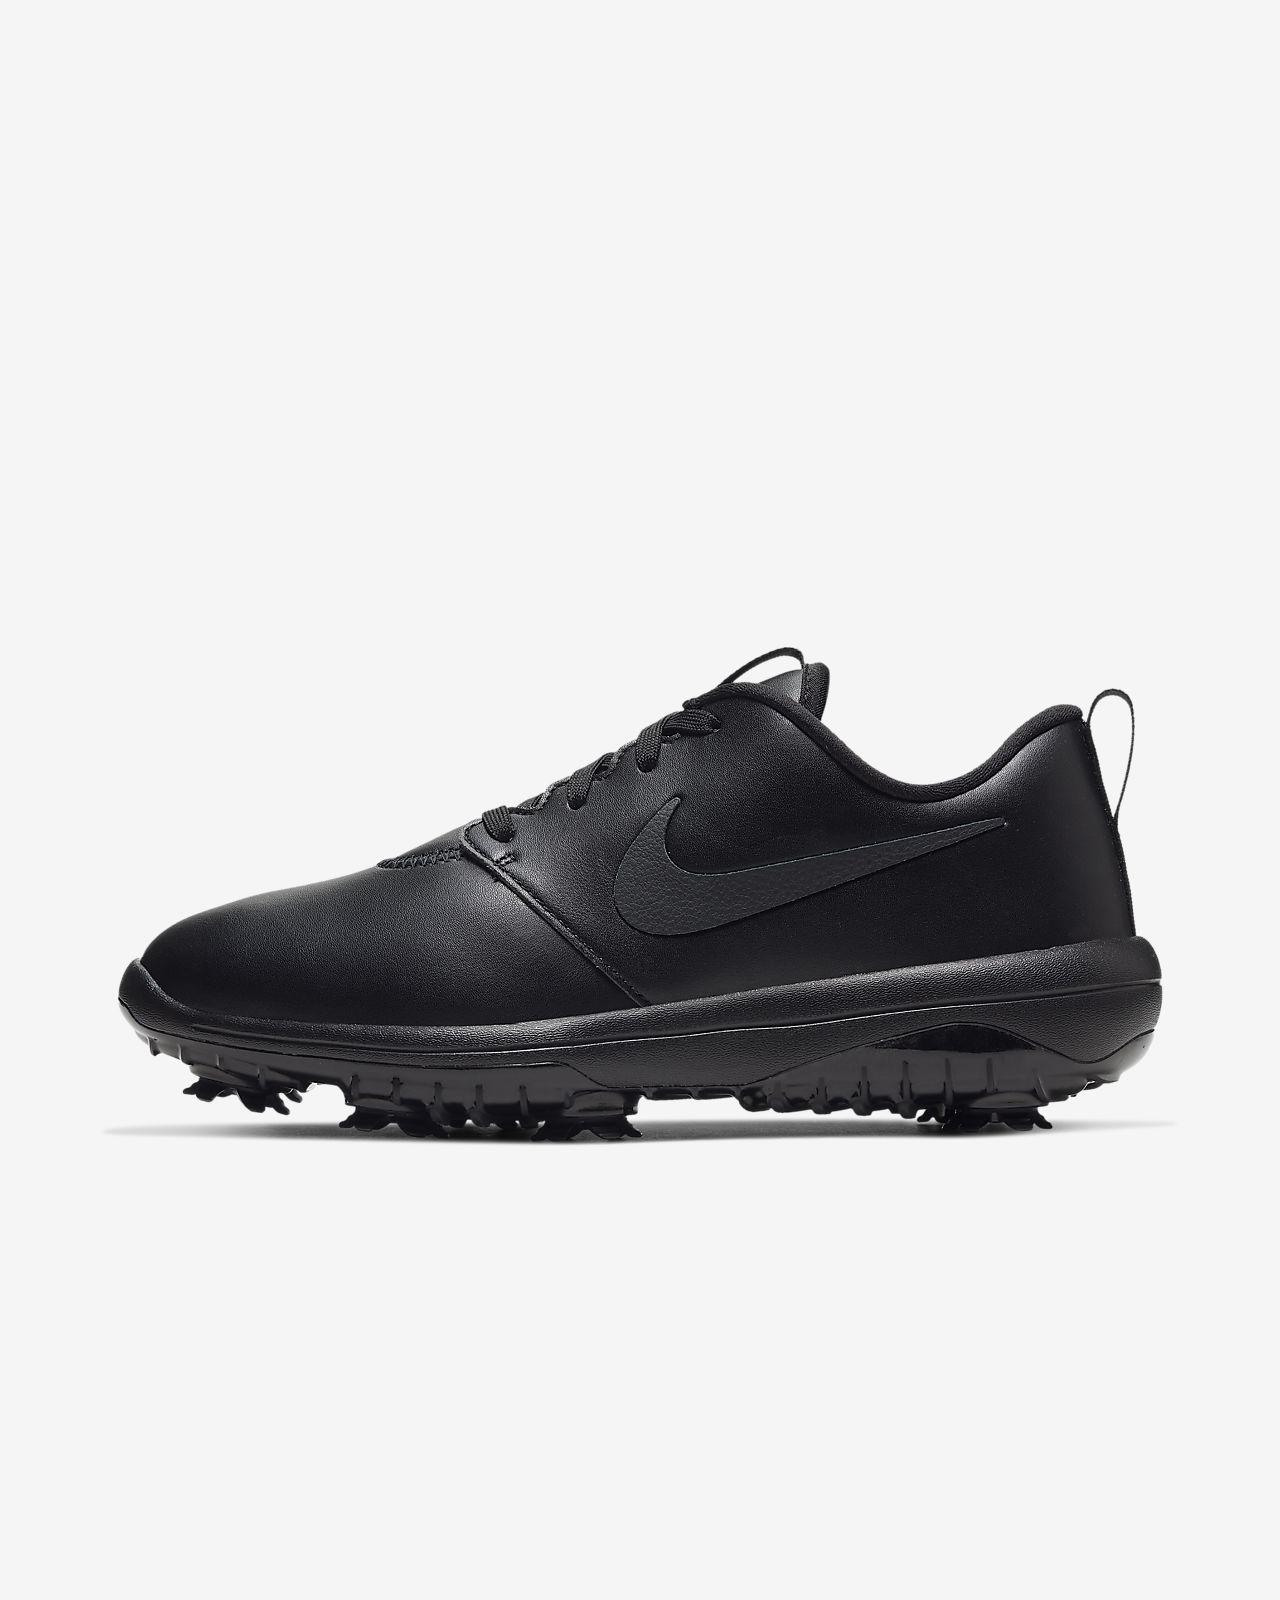 tania wyprzedaż usa bliżej na tani Damskie buty do golfa Nike Roshe G Tour